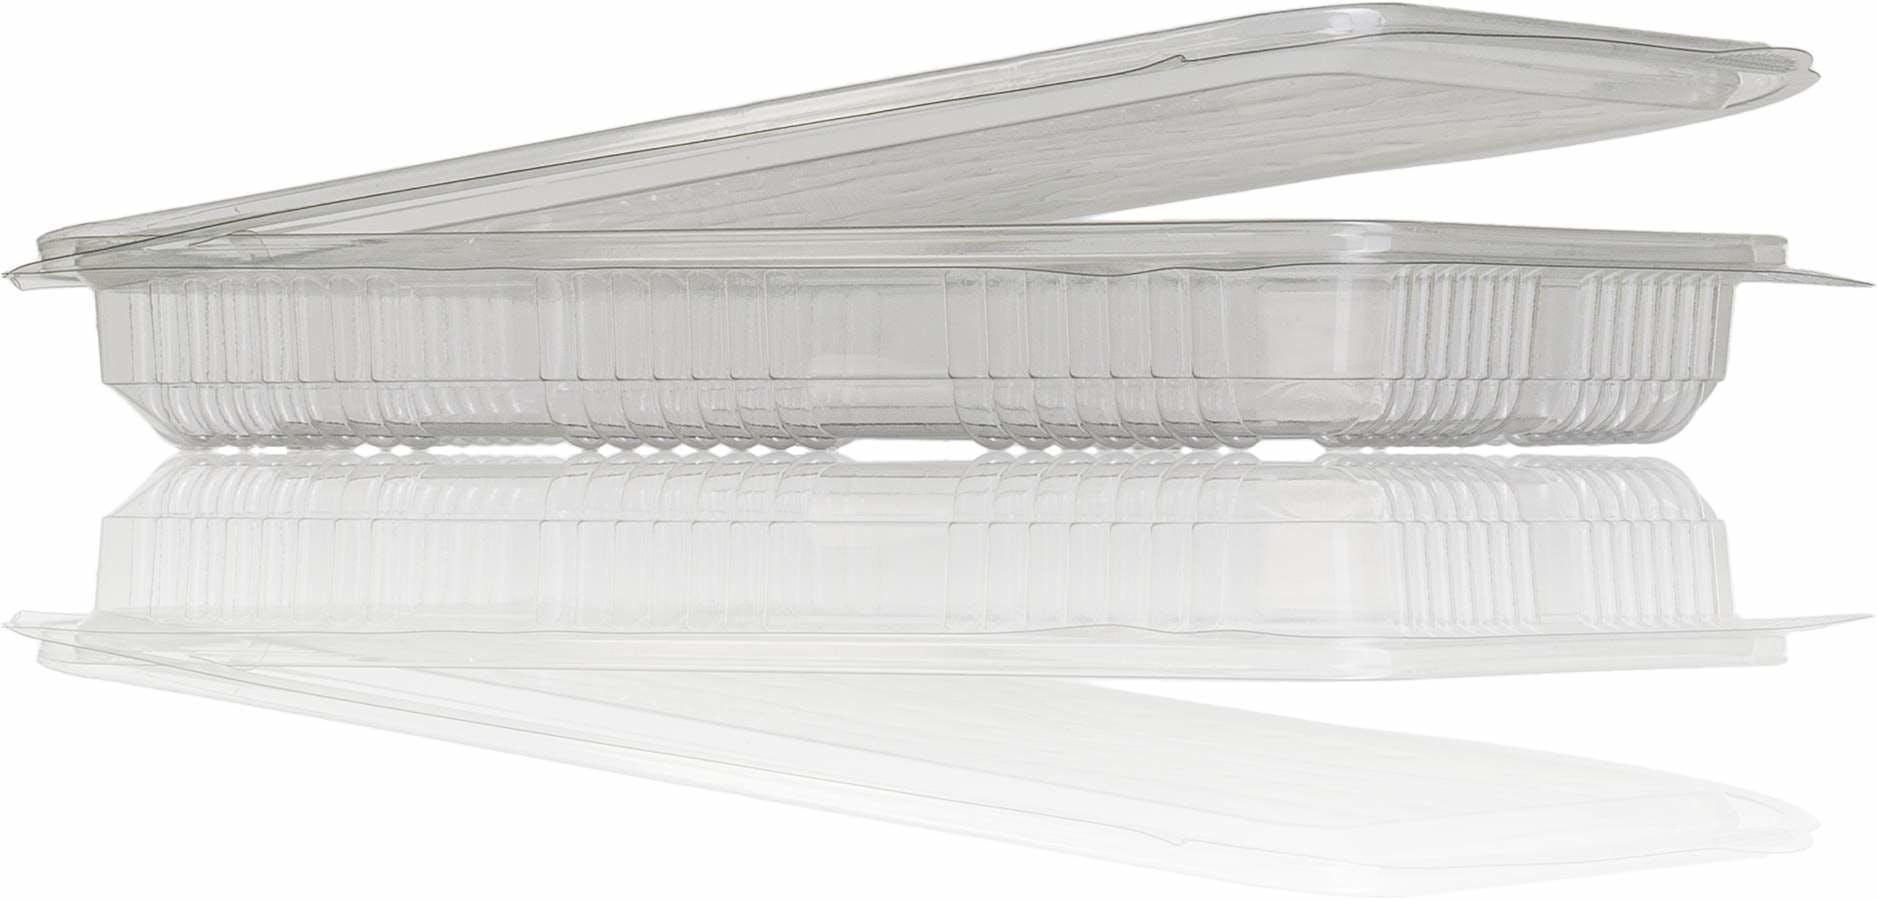 Tarrina bisagra 400 ml-envases-de-plástico-tarrinas-de-plástico